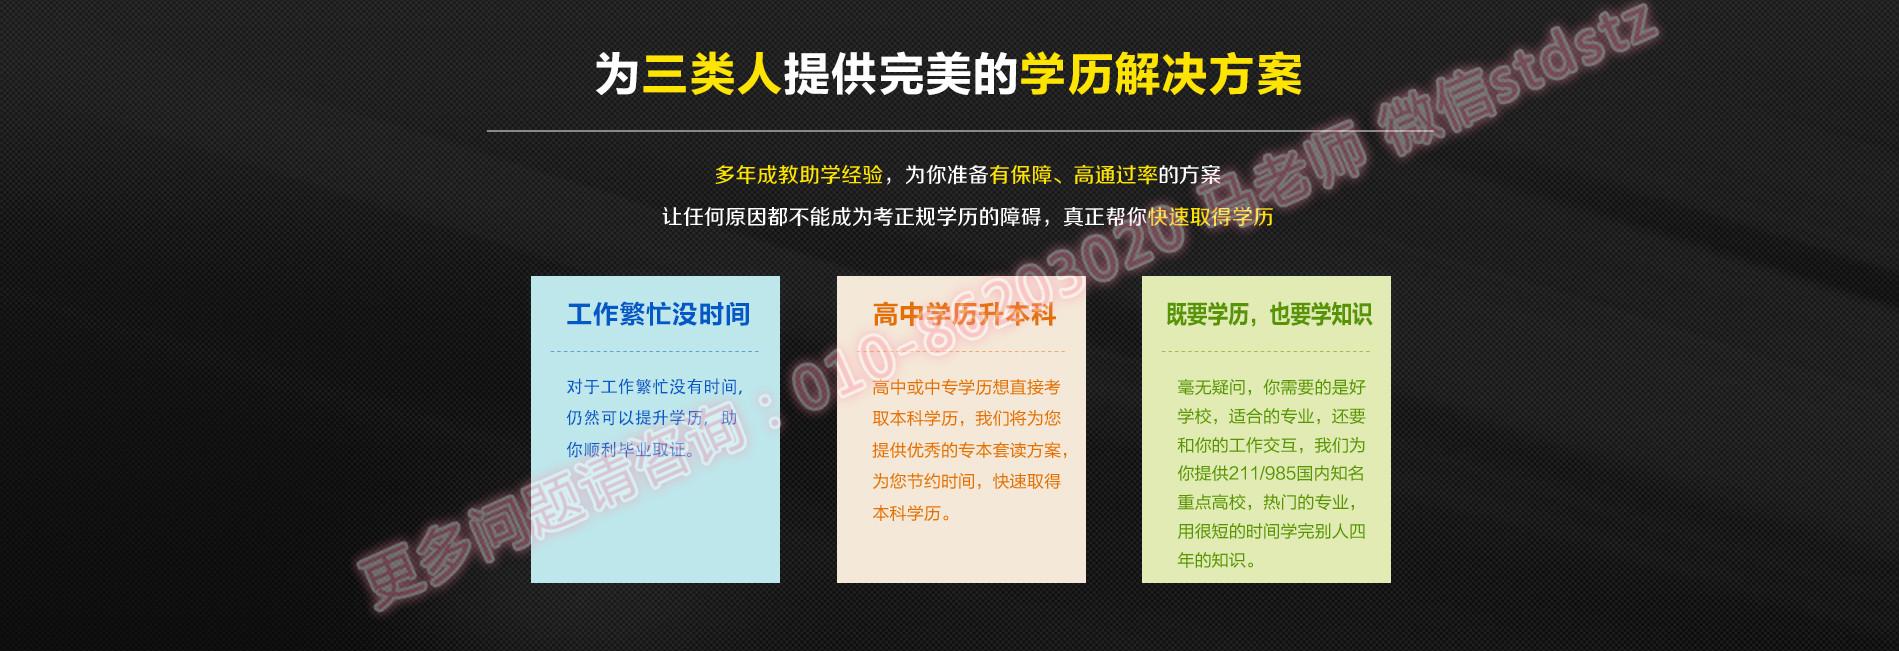 芜湖网教报名自考大专本科学历提升stds.com.cn